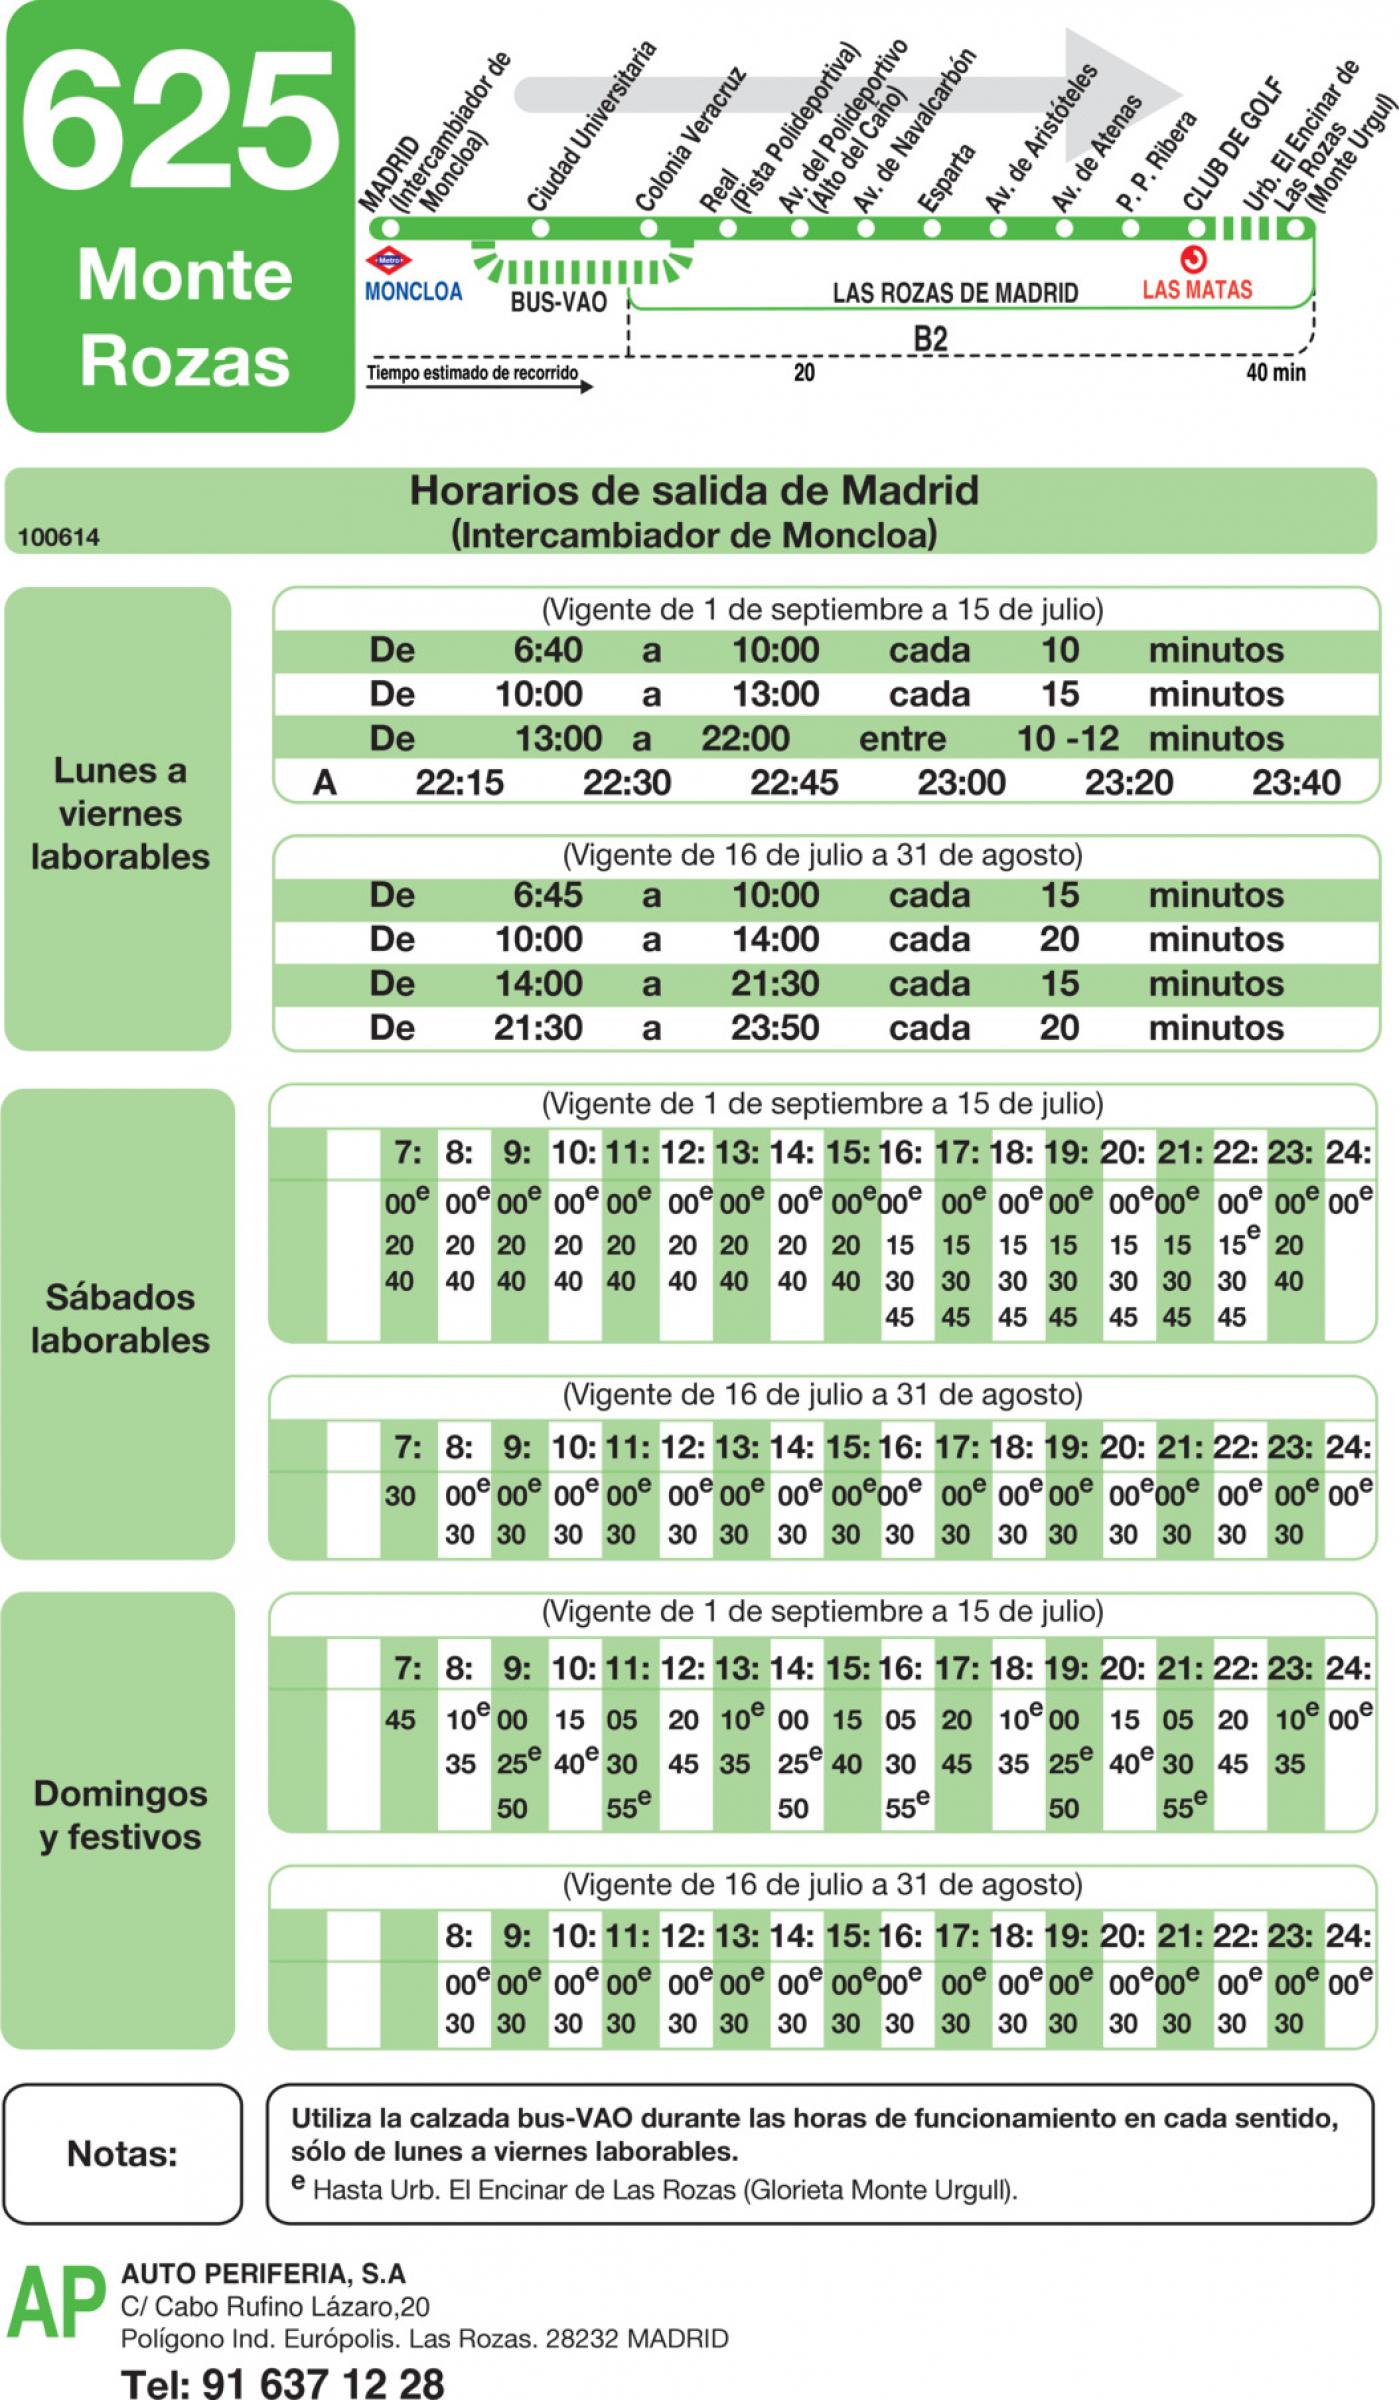 Tabla de horarios y frecuencias de paso en sentido ida Línea 625: Madrid (Moncloa) - Monte Rozas